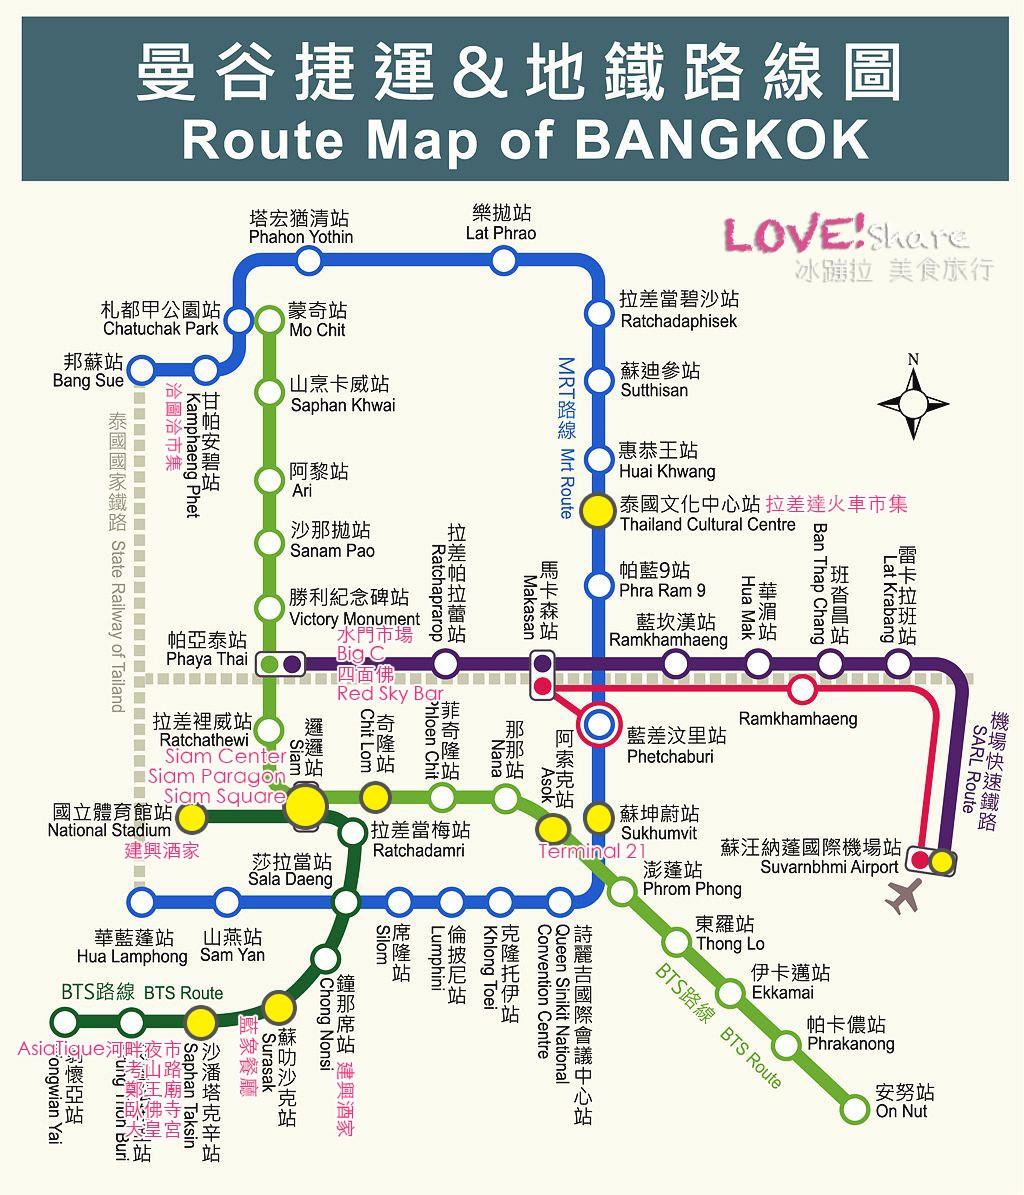 曼谷交通地圖,曼谷自由行地圖,曼谷景點地圖